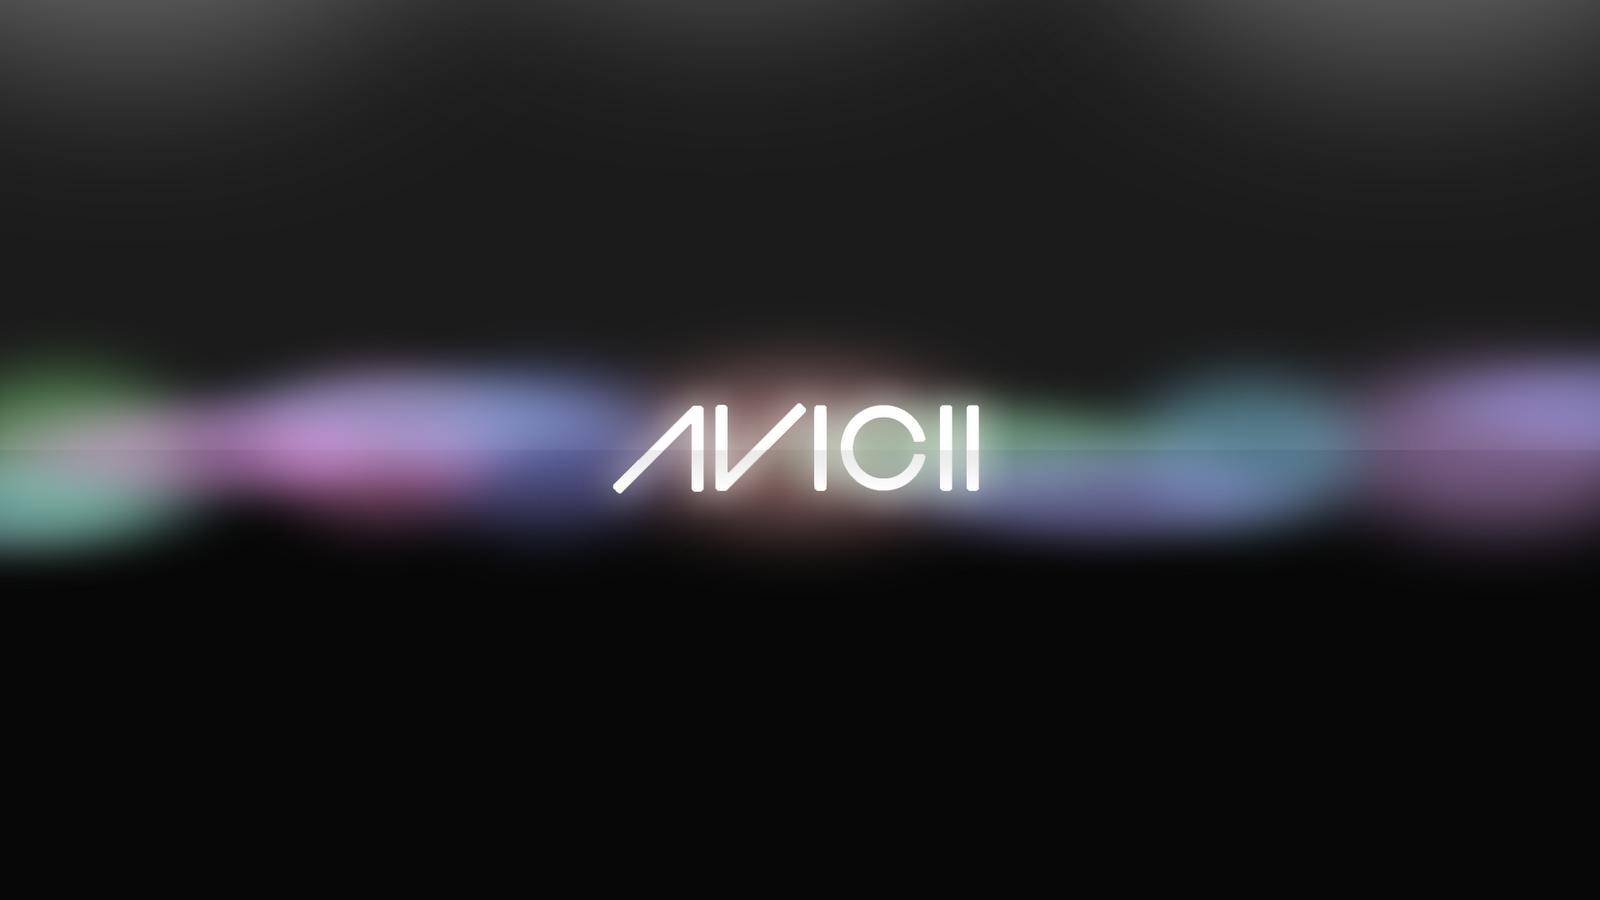 http://4.bp.blogspot.com/-cBzyzdAKY4Q/T7MW9yYom2I/AAAAAAAABcA/4TLSyf5nnwQ/s1600/Avicii_logo.png